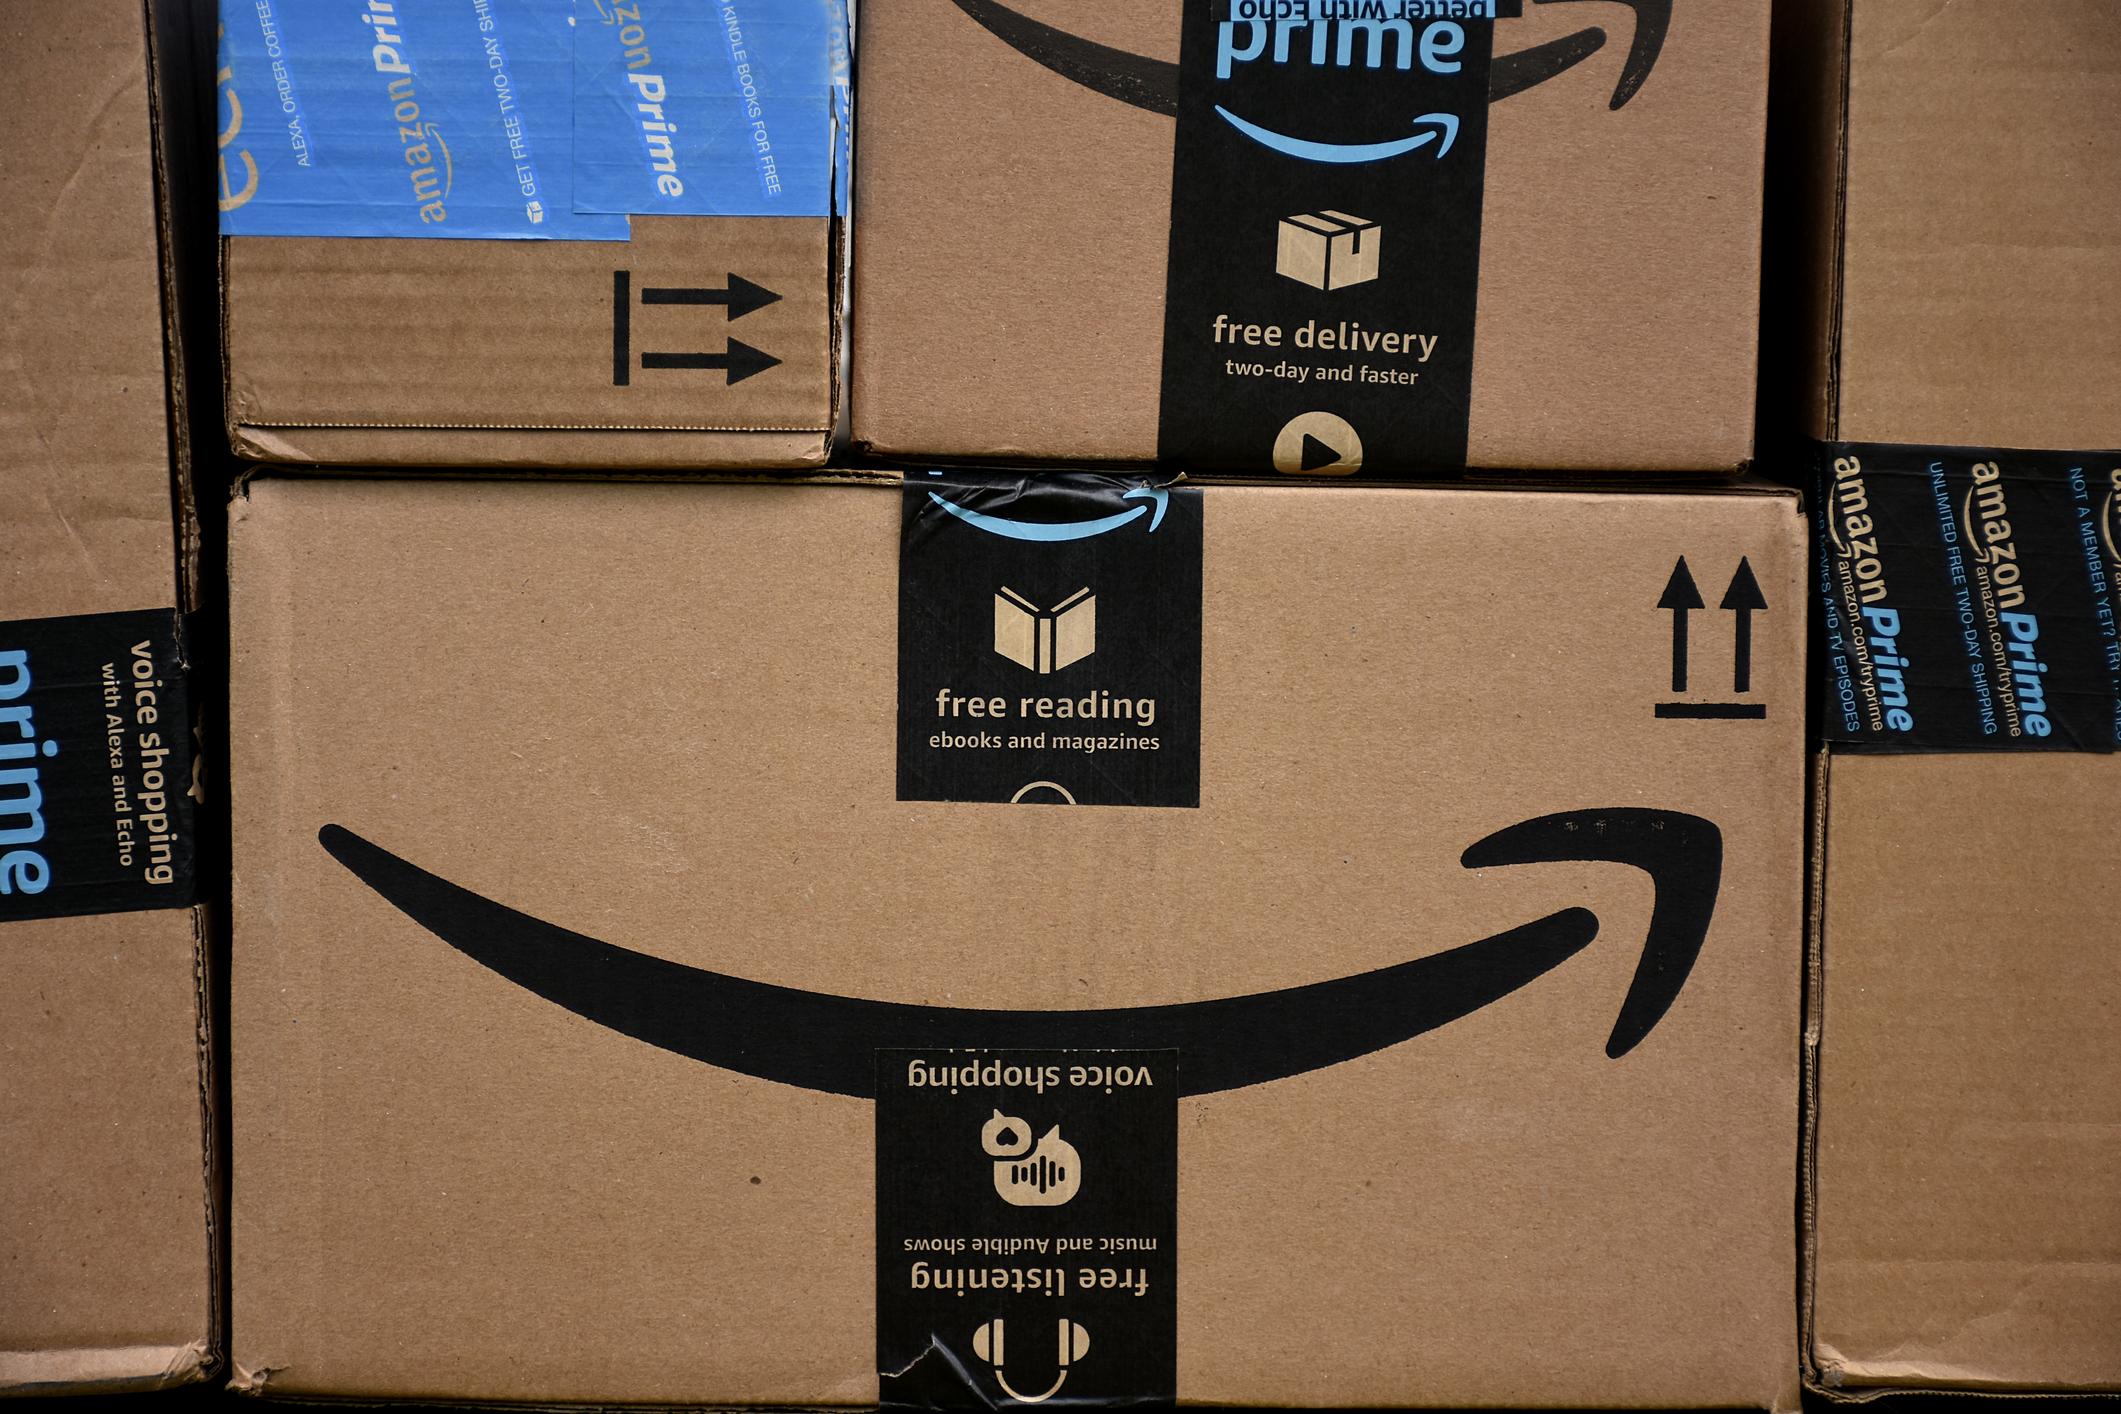 Amazon box smile